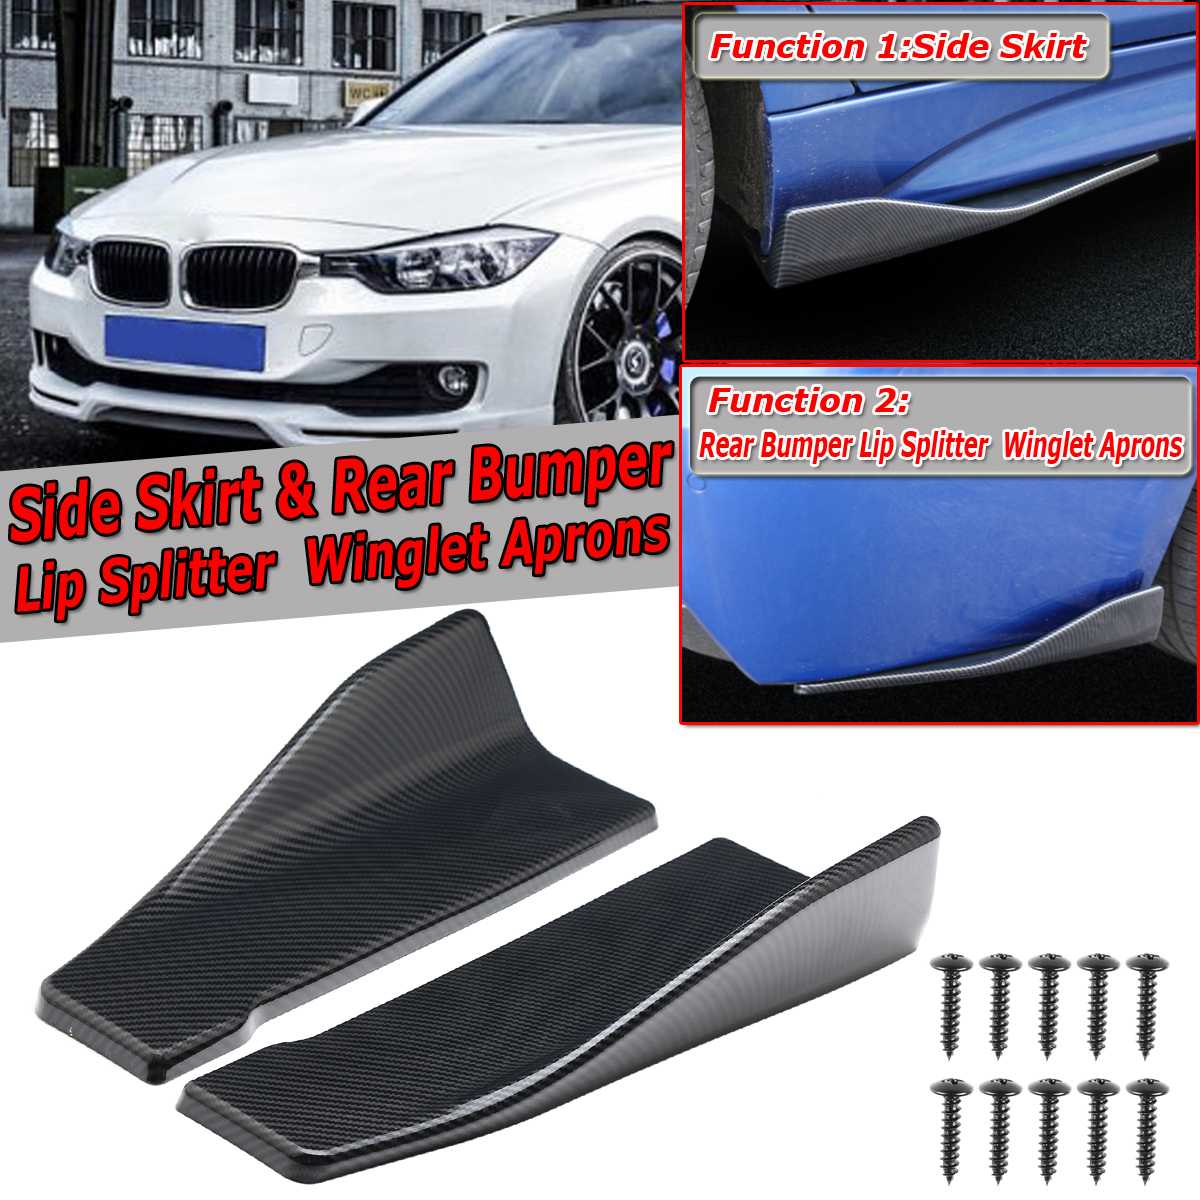 2 個 35 センチメートル/48 センチメートルユニバーサル車のサイドスカート & リアバンパーディフューザースポイラーリップスプリッタウイングレットエプロン炭素繊維のための Bmw のための...